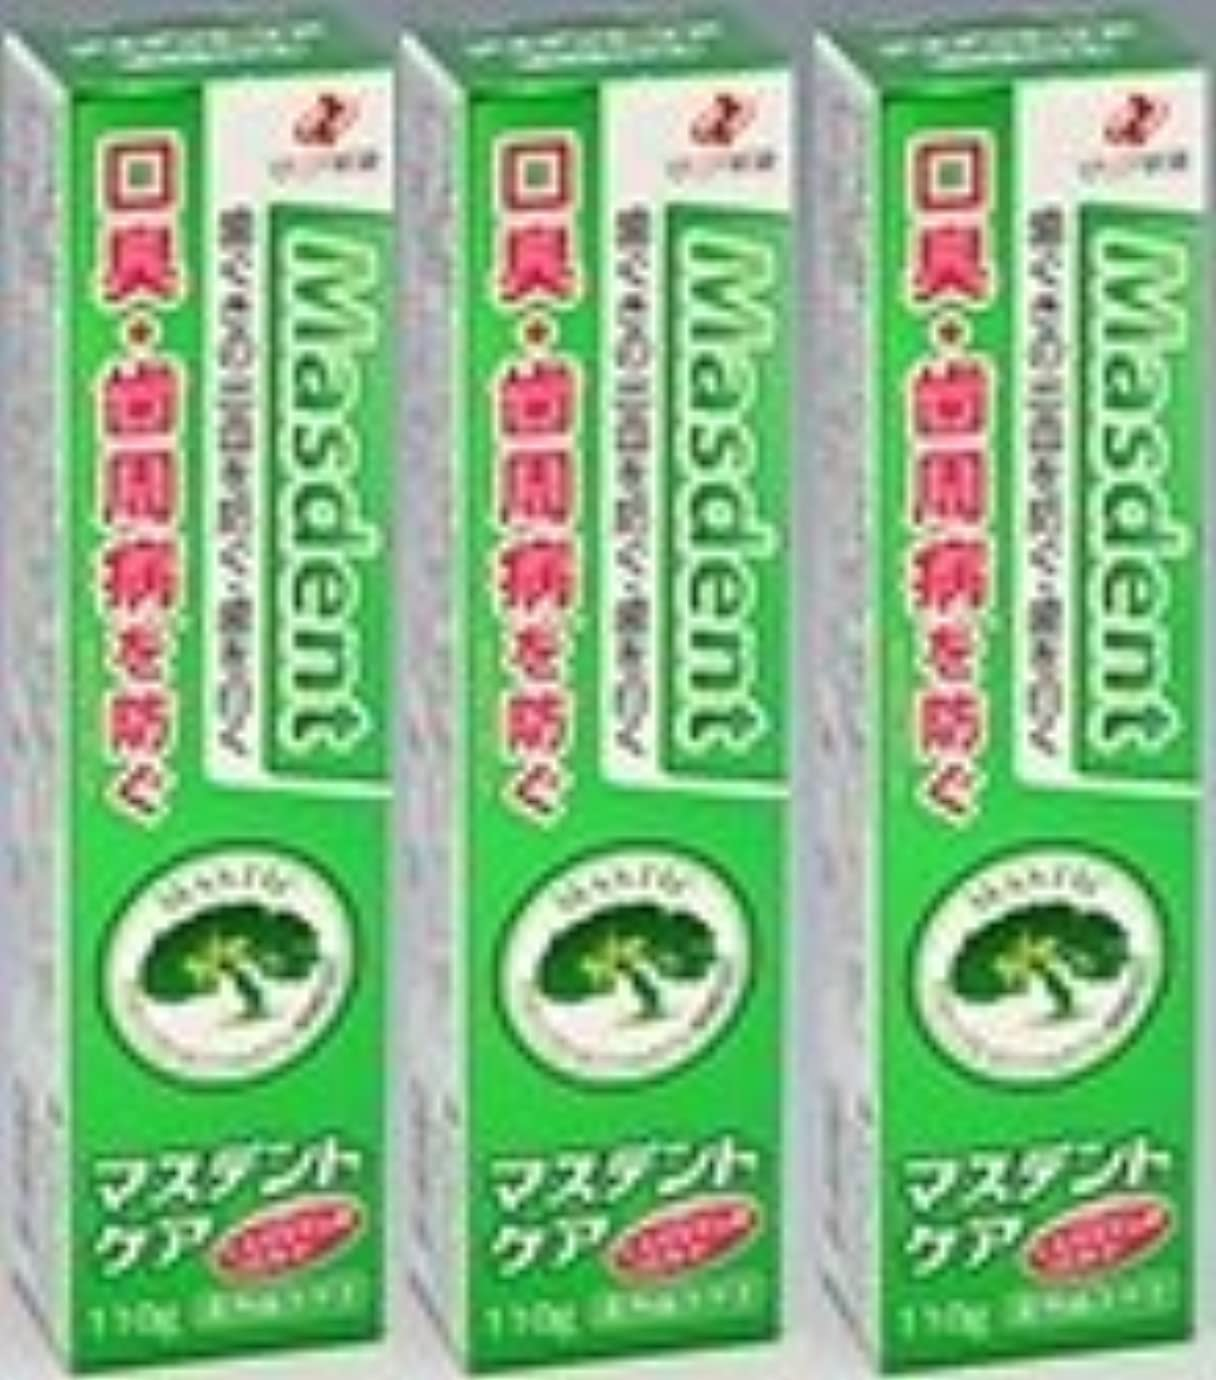 巨大誘惑する似ている薬用歯磨き マスデントケア110g×3本セット